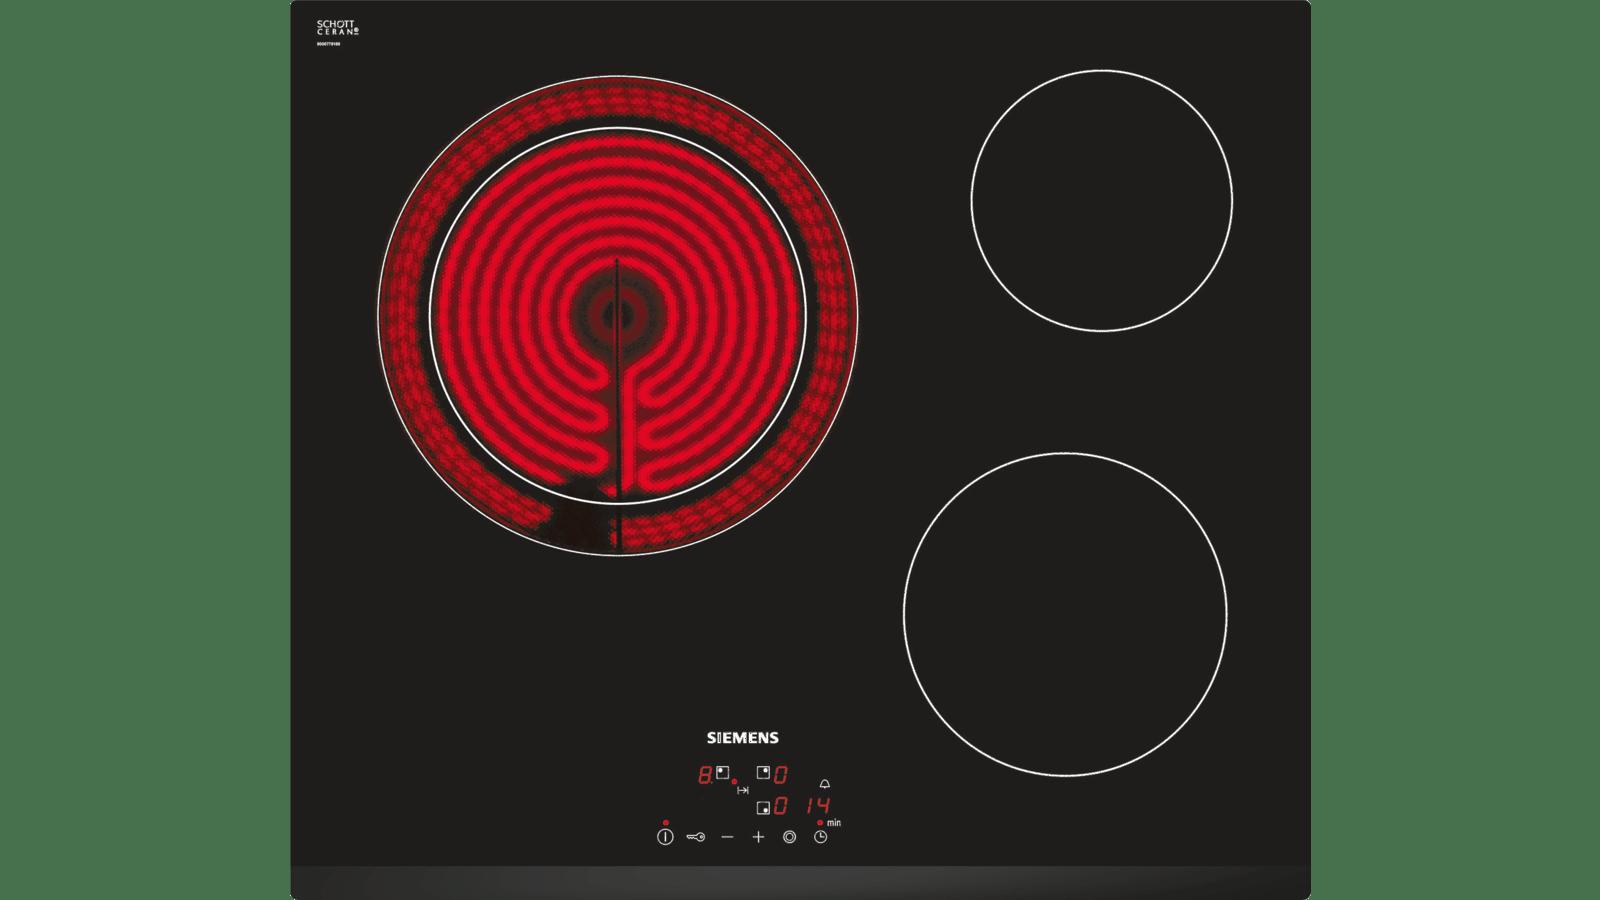 Demonter Plaque De Cuisson Electrique iq300 table électrique 60 cm noir et631bk17e